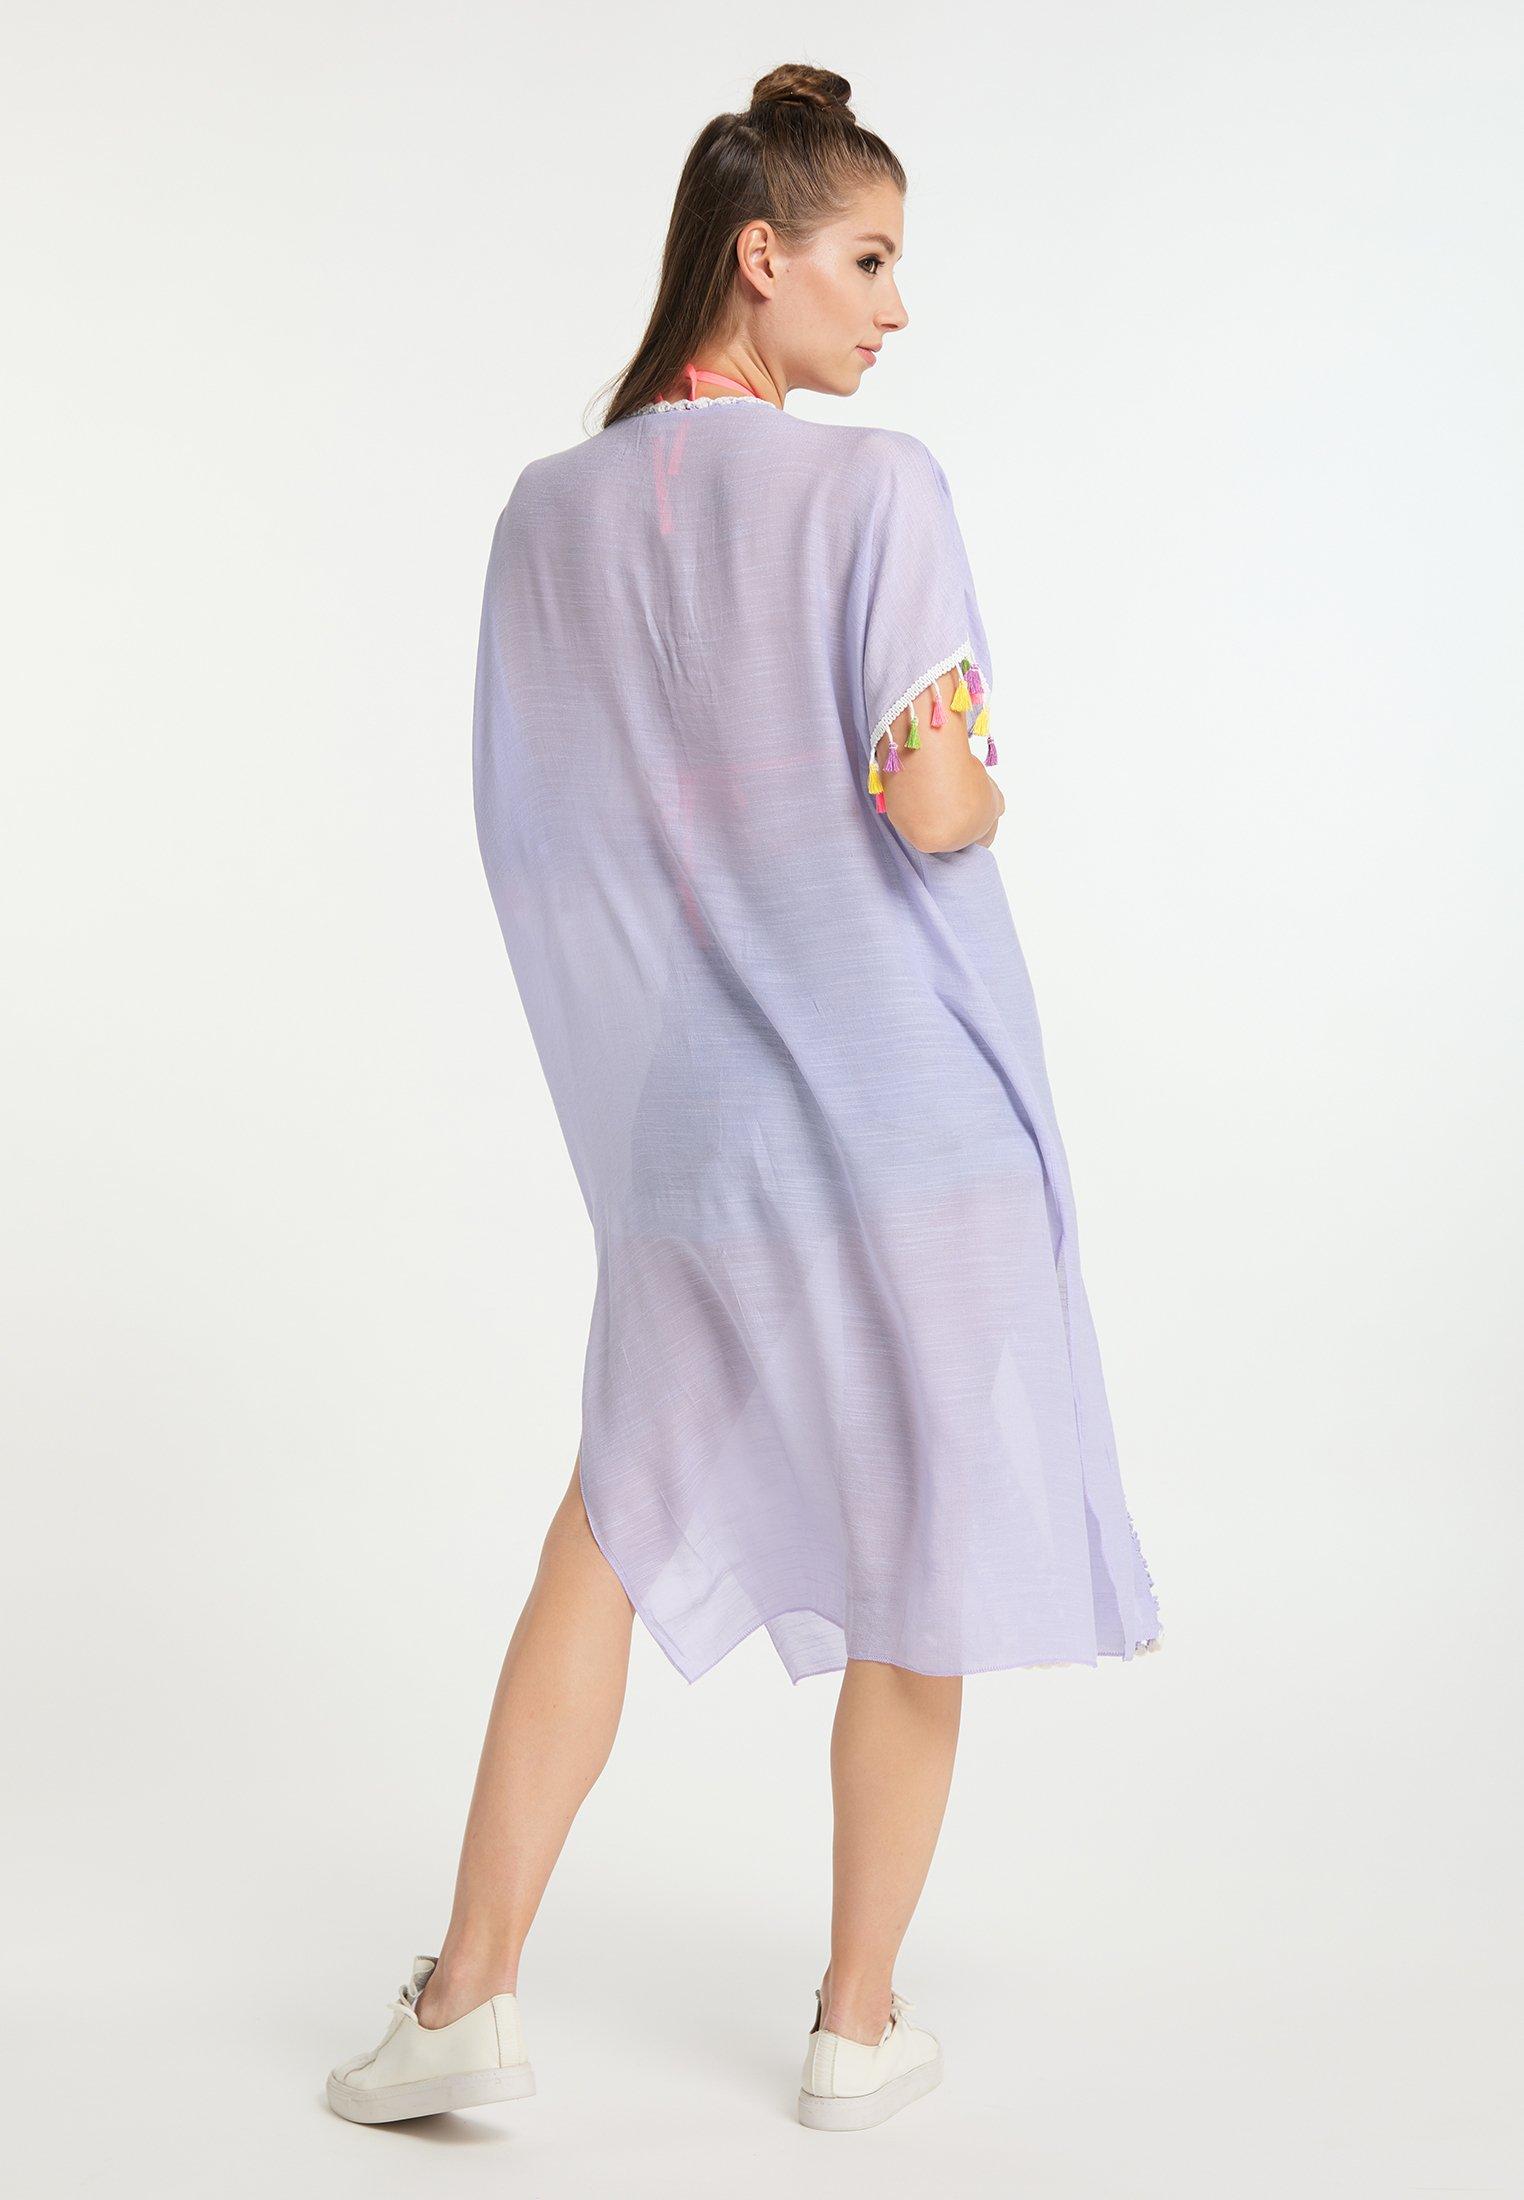 Factory Price Women's Clothing myMo Cardigan flieder kYIjHaycI